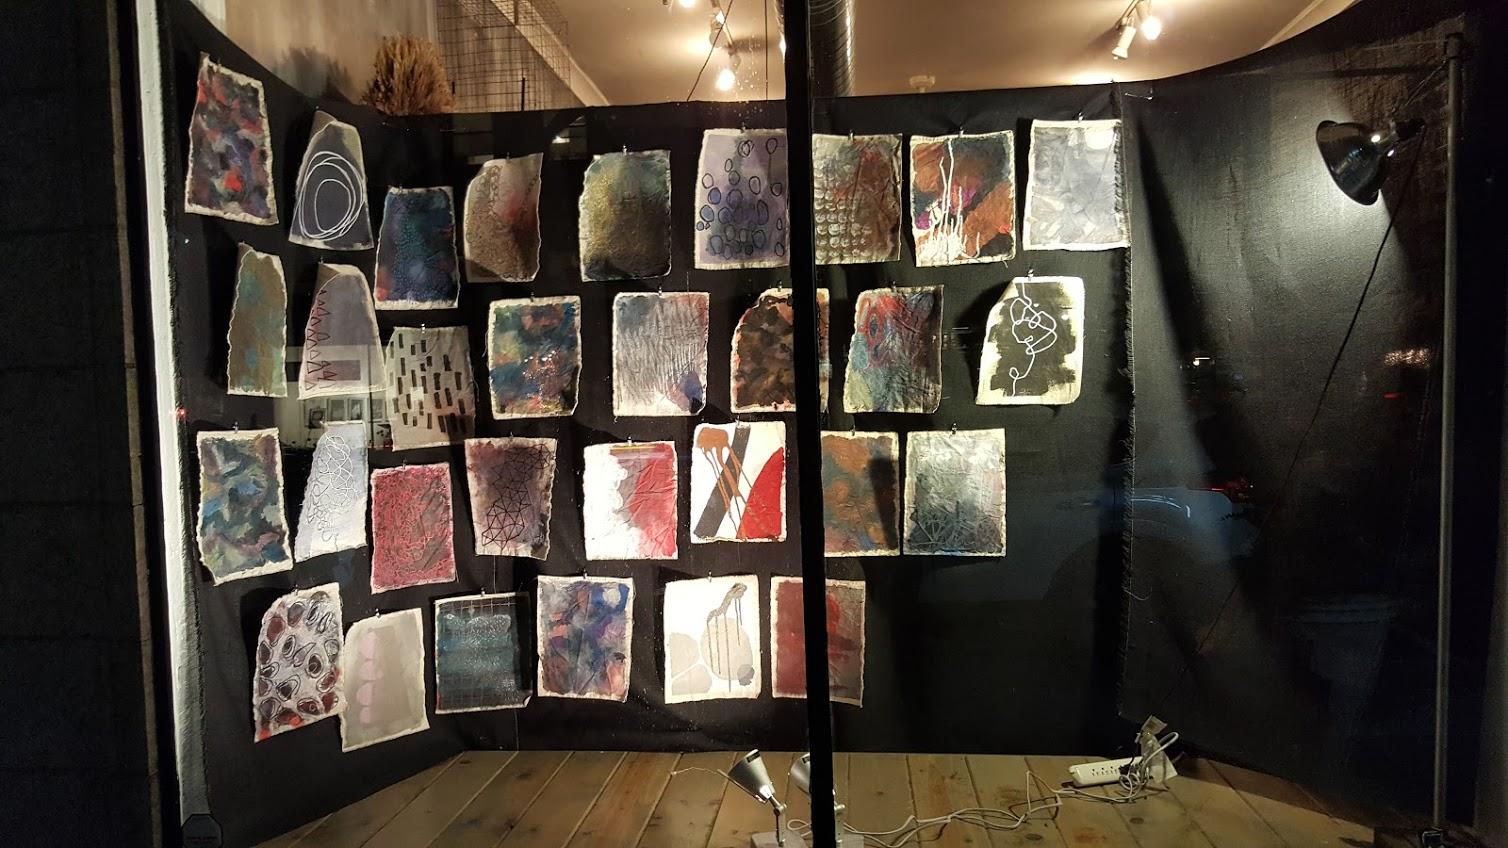 Jennifer Rapp Window Show at Karna Evanston, IL